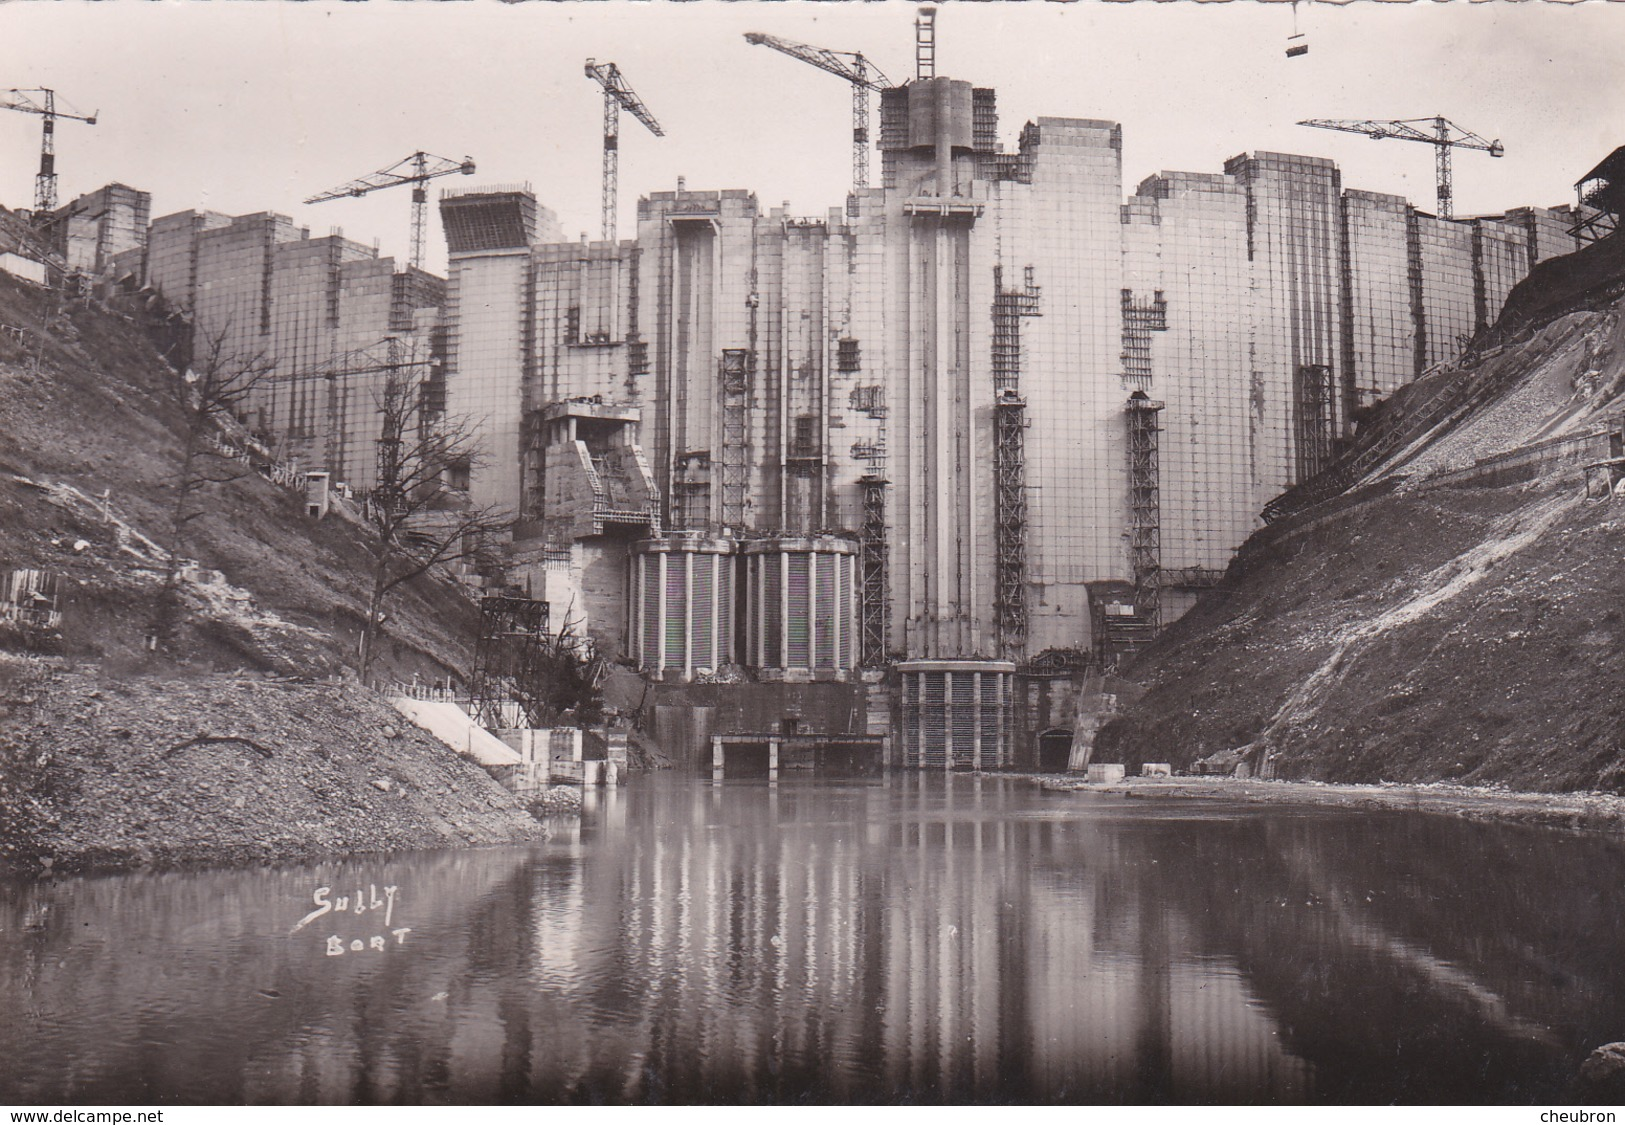 19. BORT LES ORGUES. LE BARRAGE DE BORT EN CONSTRUCTION. VUE D'AMONT. - Autres Communes